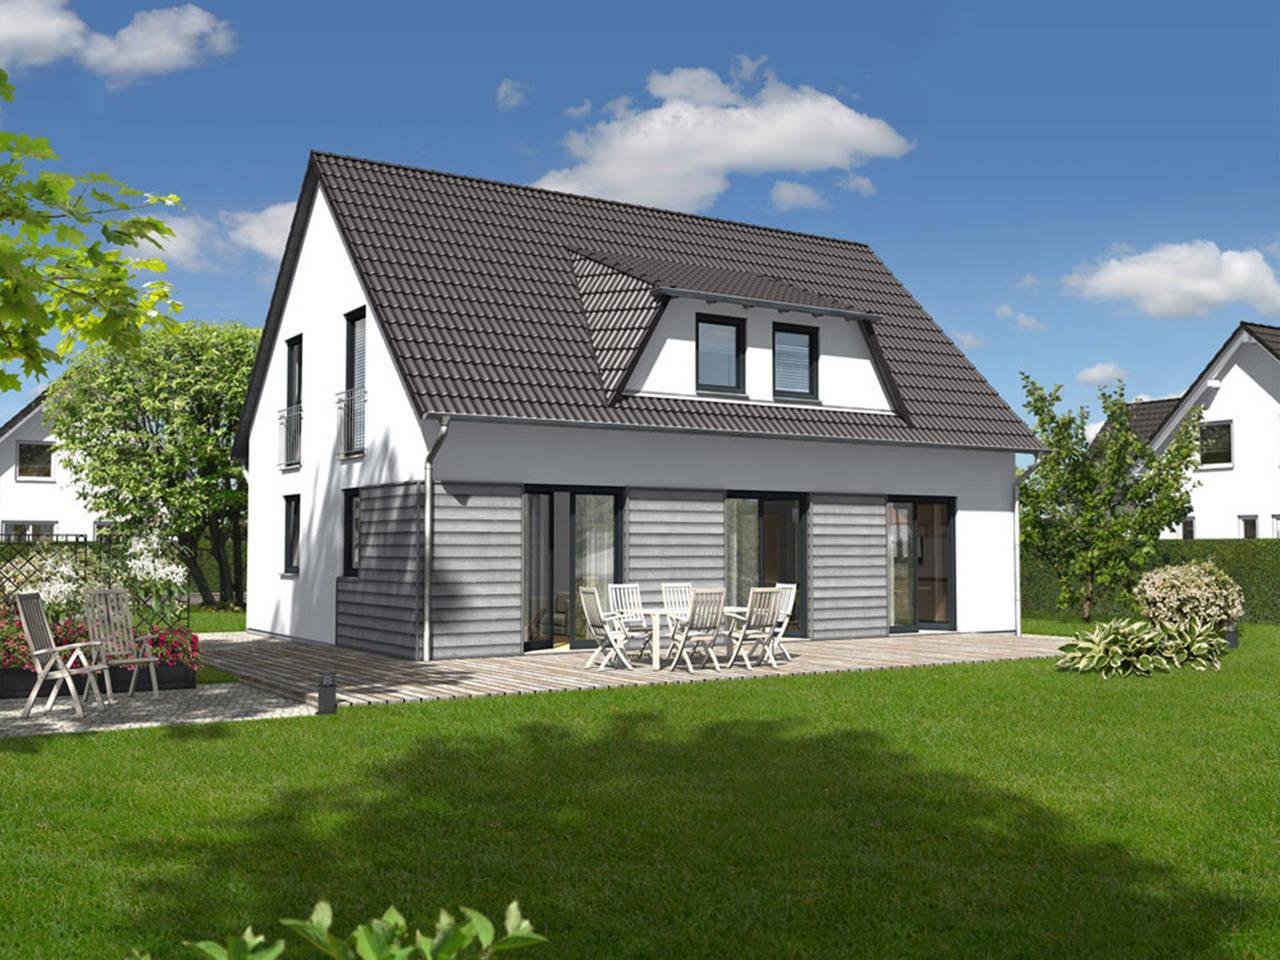 Landhaus 142 Elegance von Nico Jacobs Eigenheimbau - Town & Country Partner